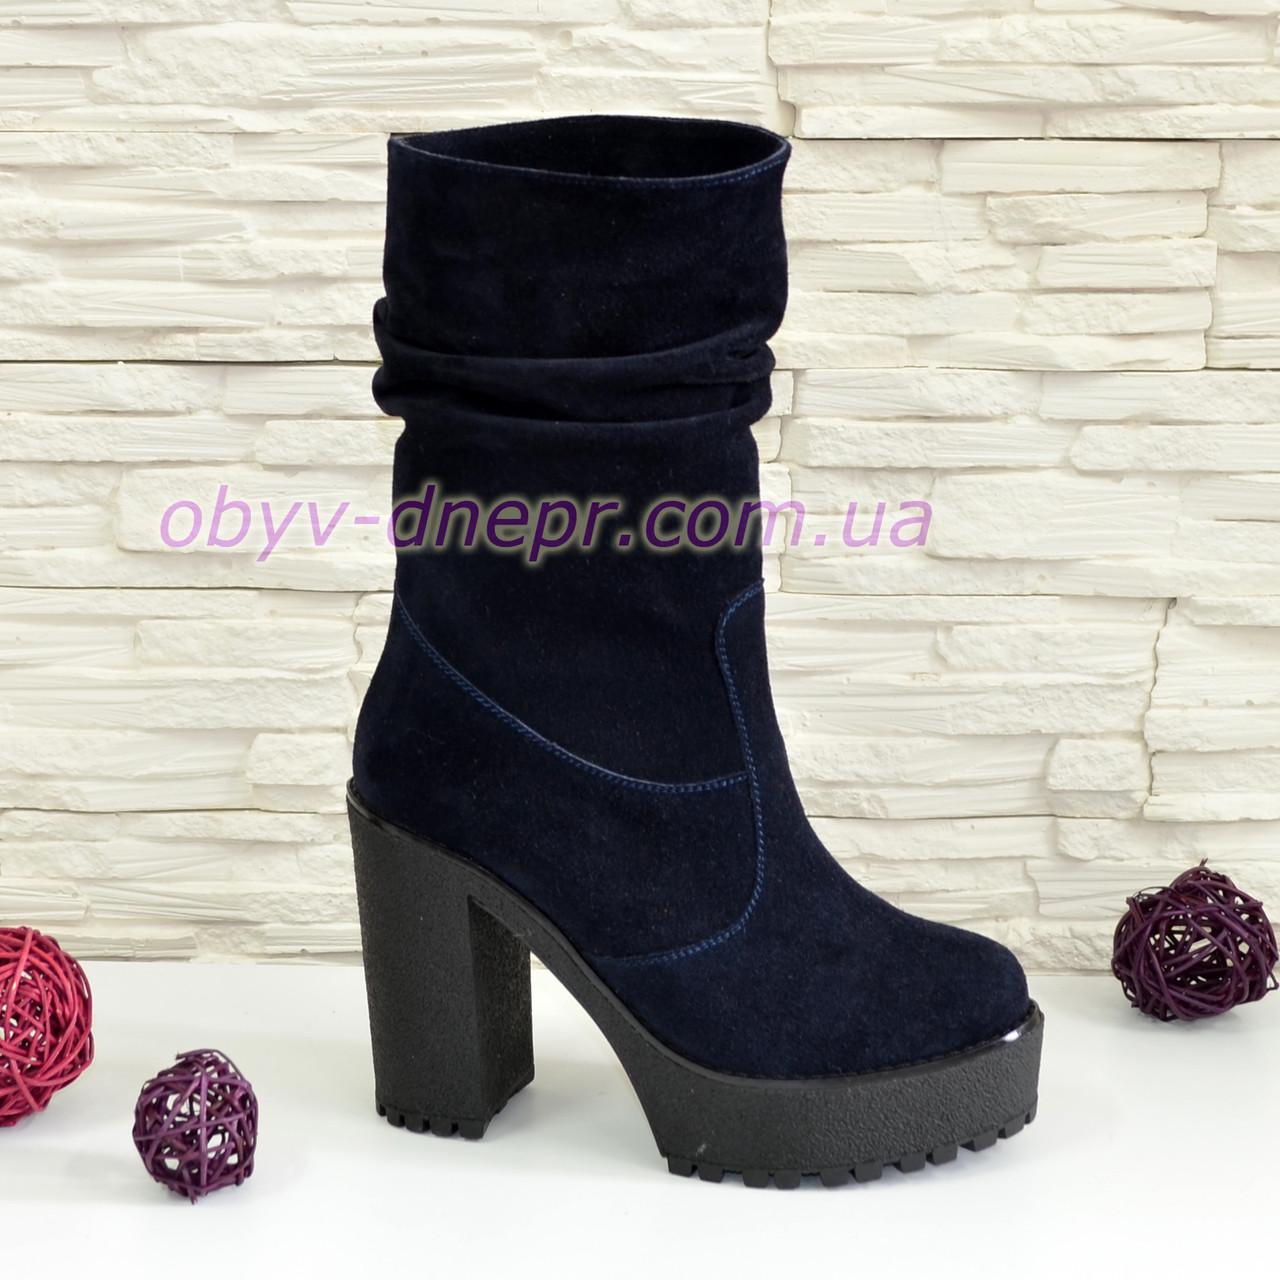 cfda772efc1e Ботинки замшевые зимние на высоком каблуке, цвет синий.: продажа, цена в  Днепре. ...